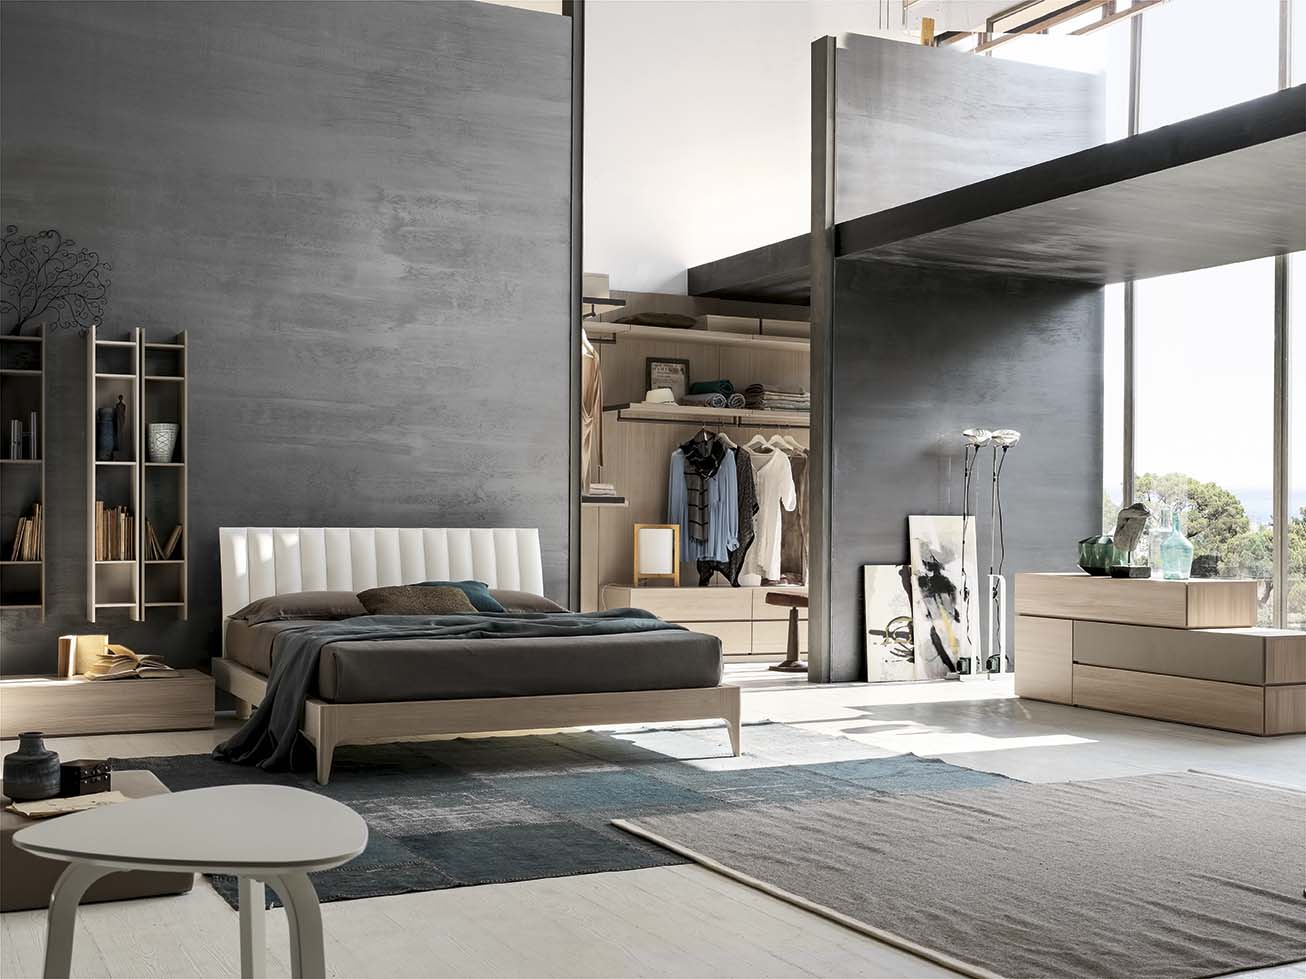 Camera da letto Santalucia Projecta 01 - Arredamenti Lupo